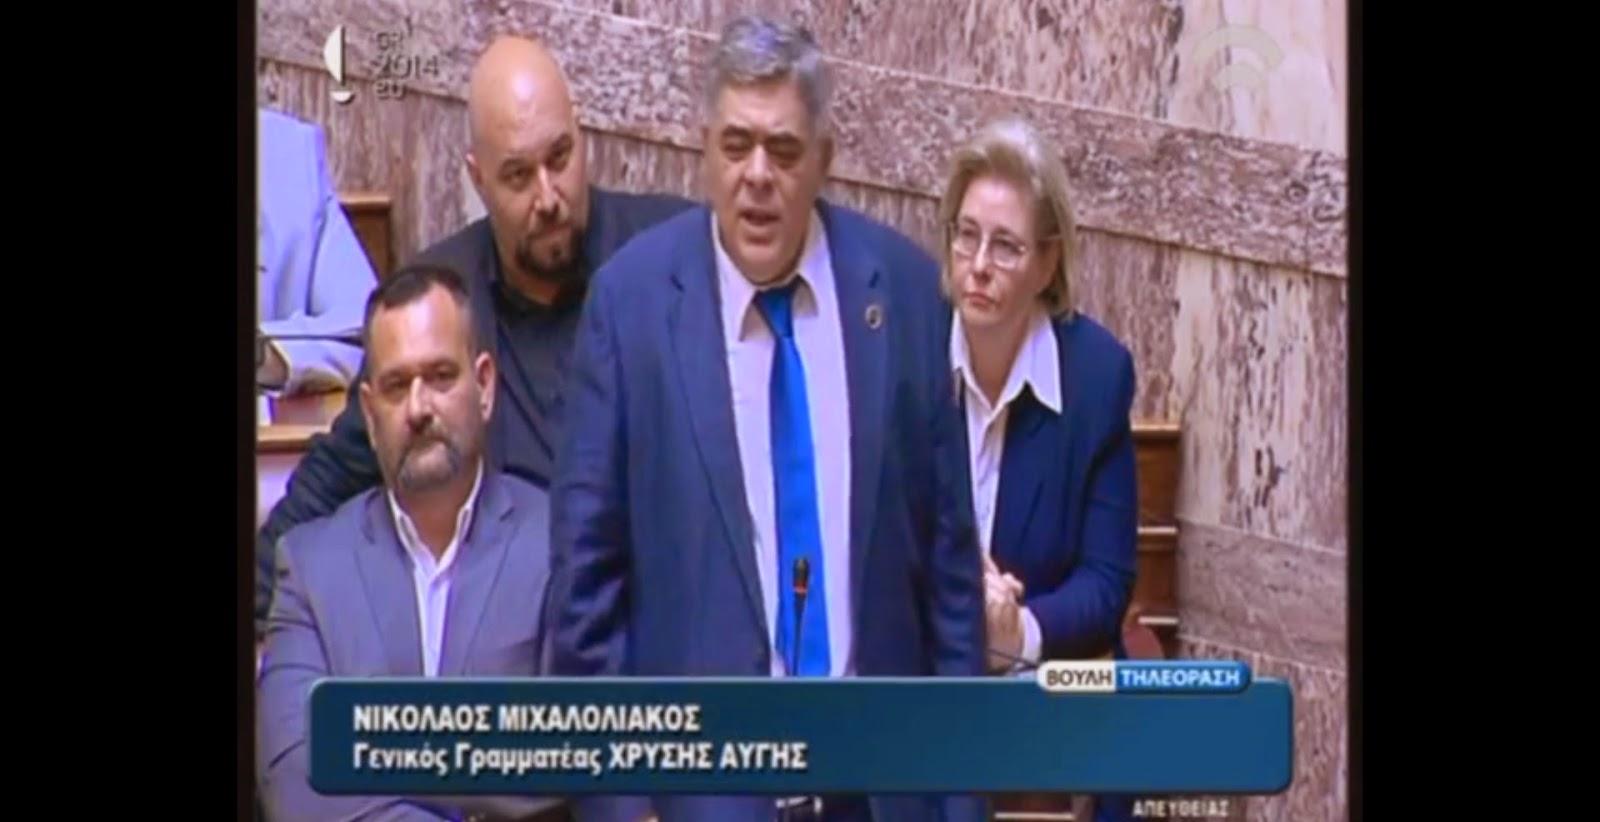 Νικόλαος Μιχαλολιάκος: Είμαι αμετανόητος Εθνικιστής - Δεν μπορείτε να μας λυγίσετε!